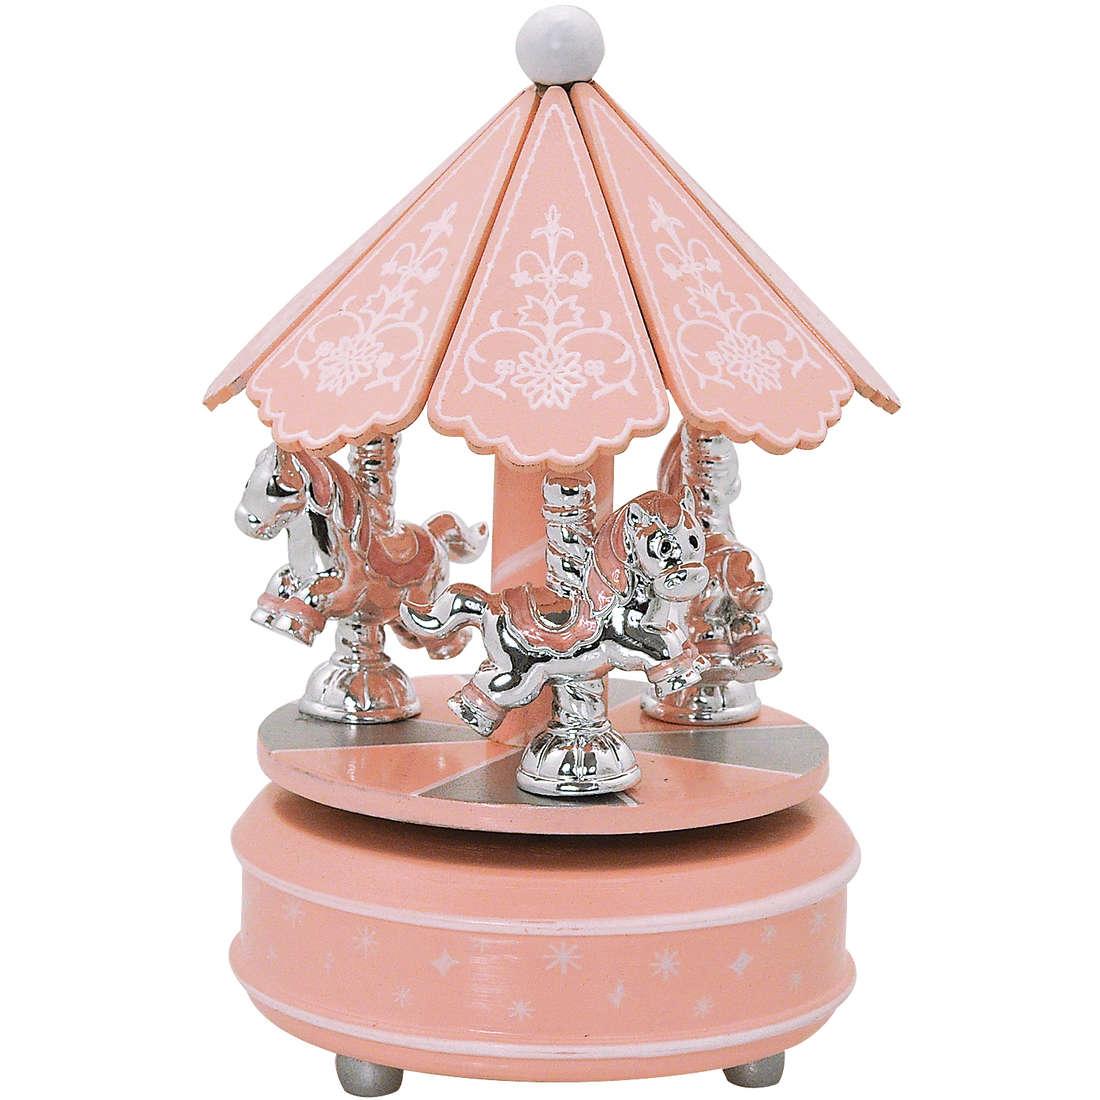 accessori neonato Bagutta Baguttino B 4146 R